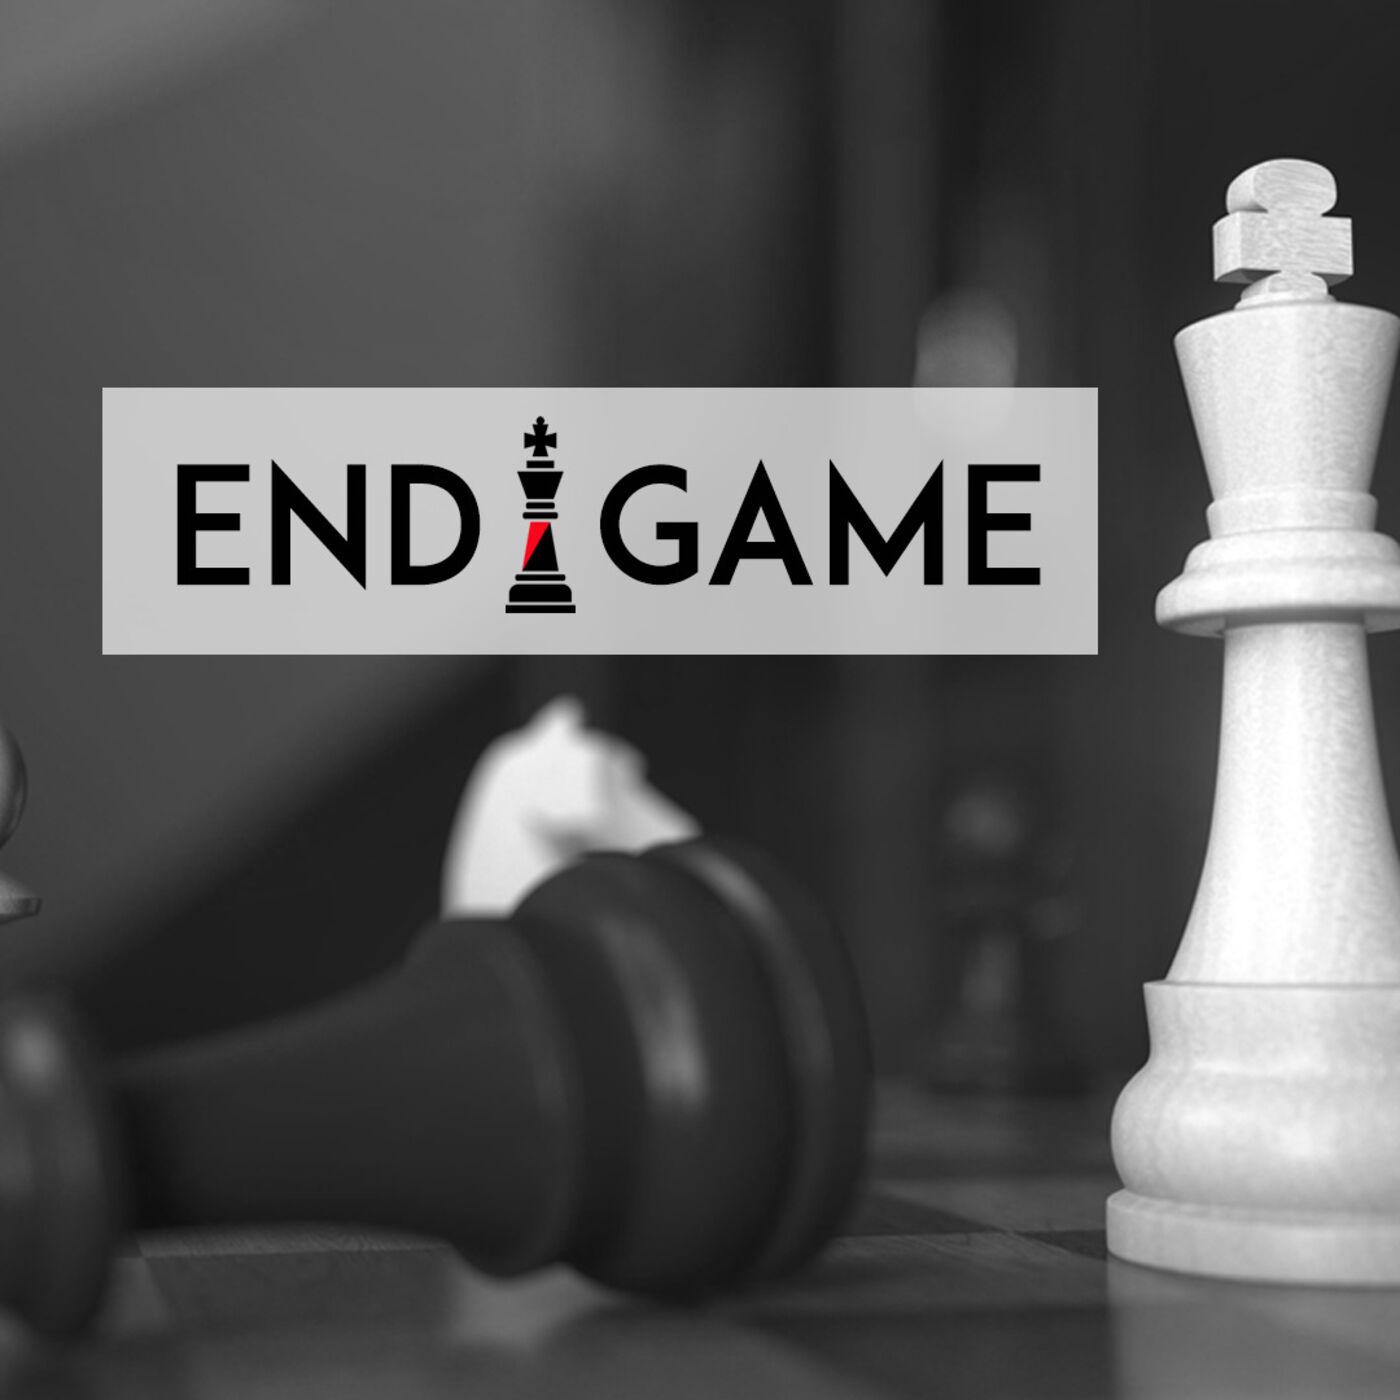 Endgame - Week 2